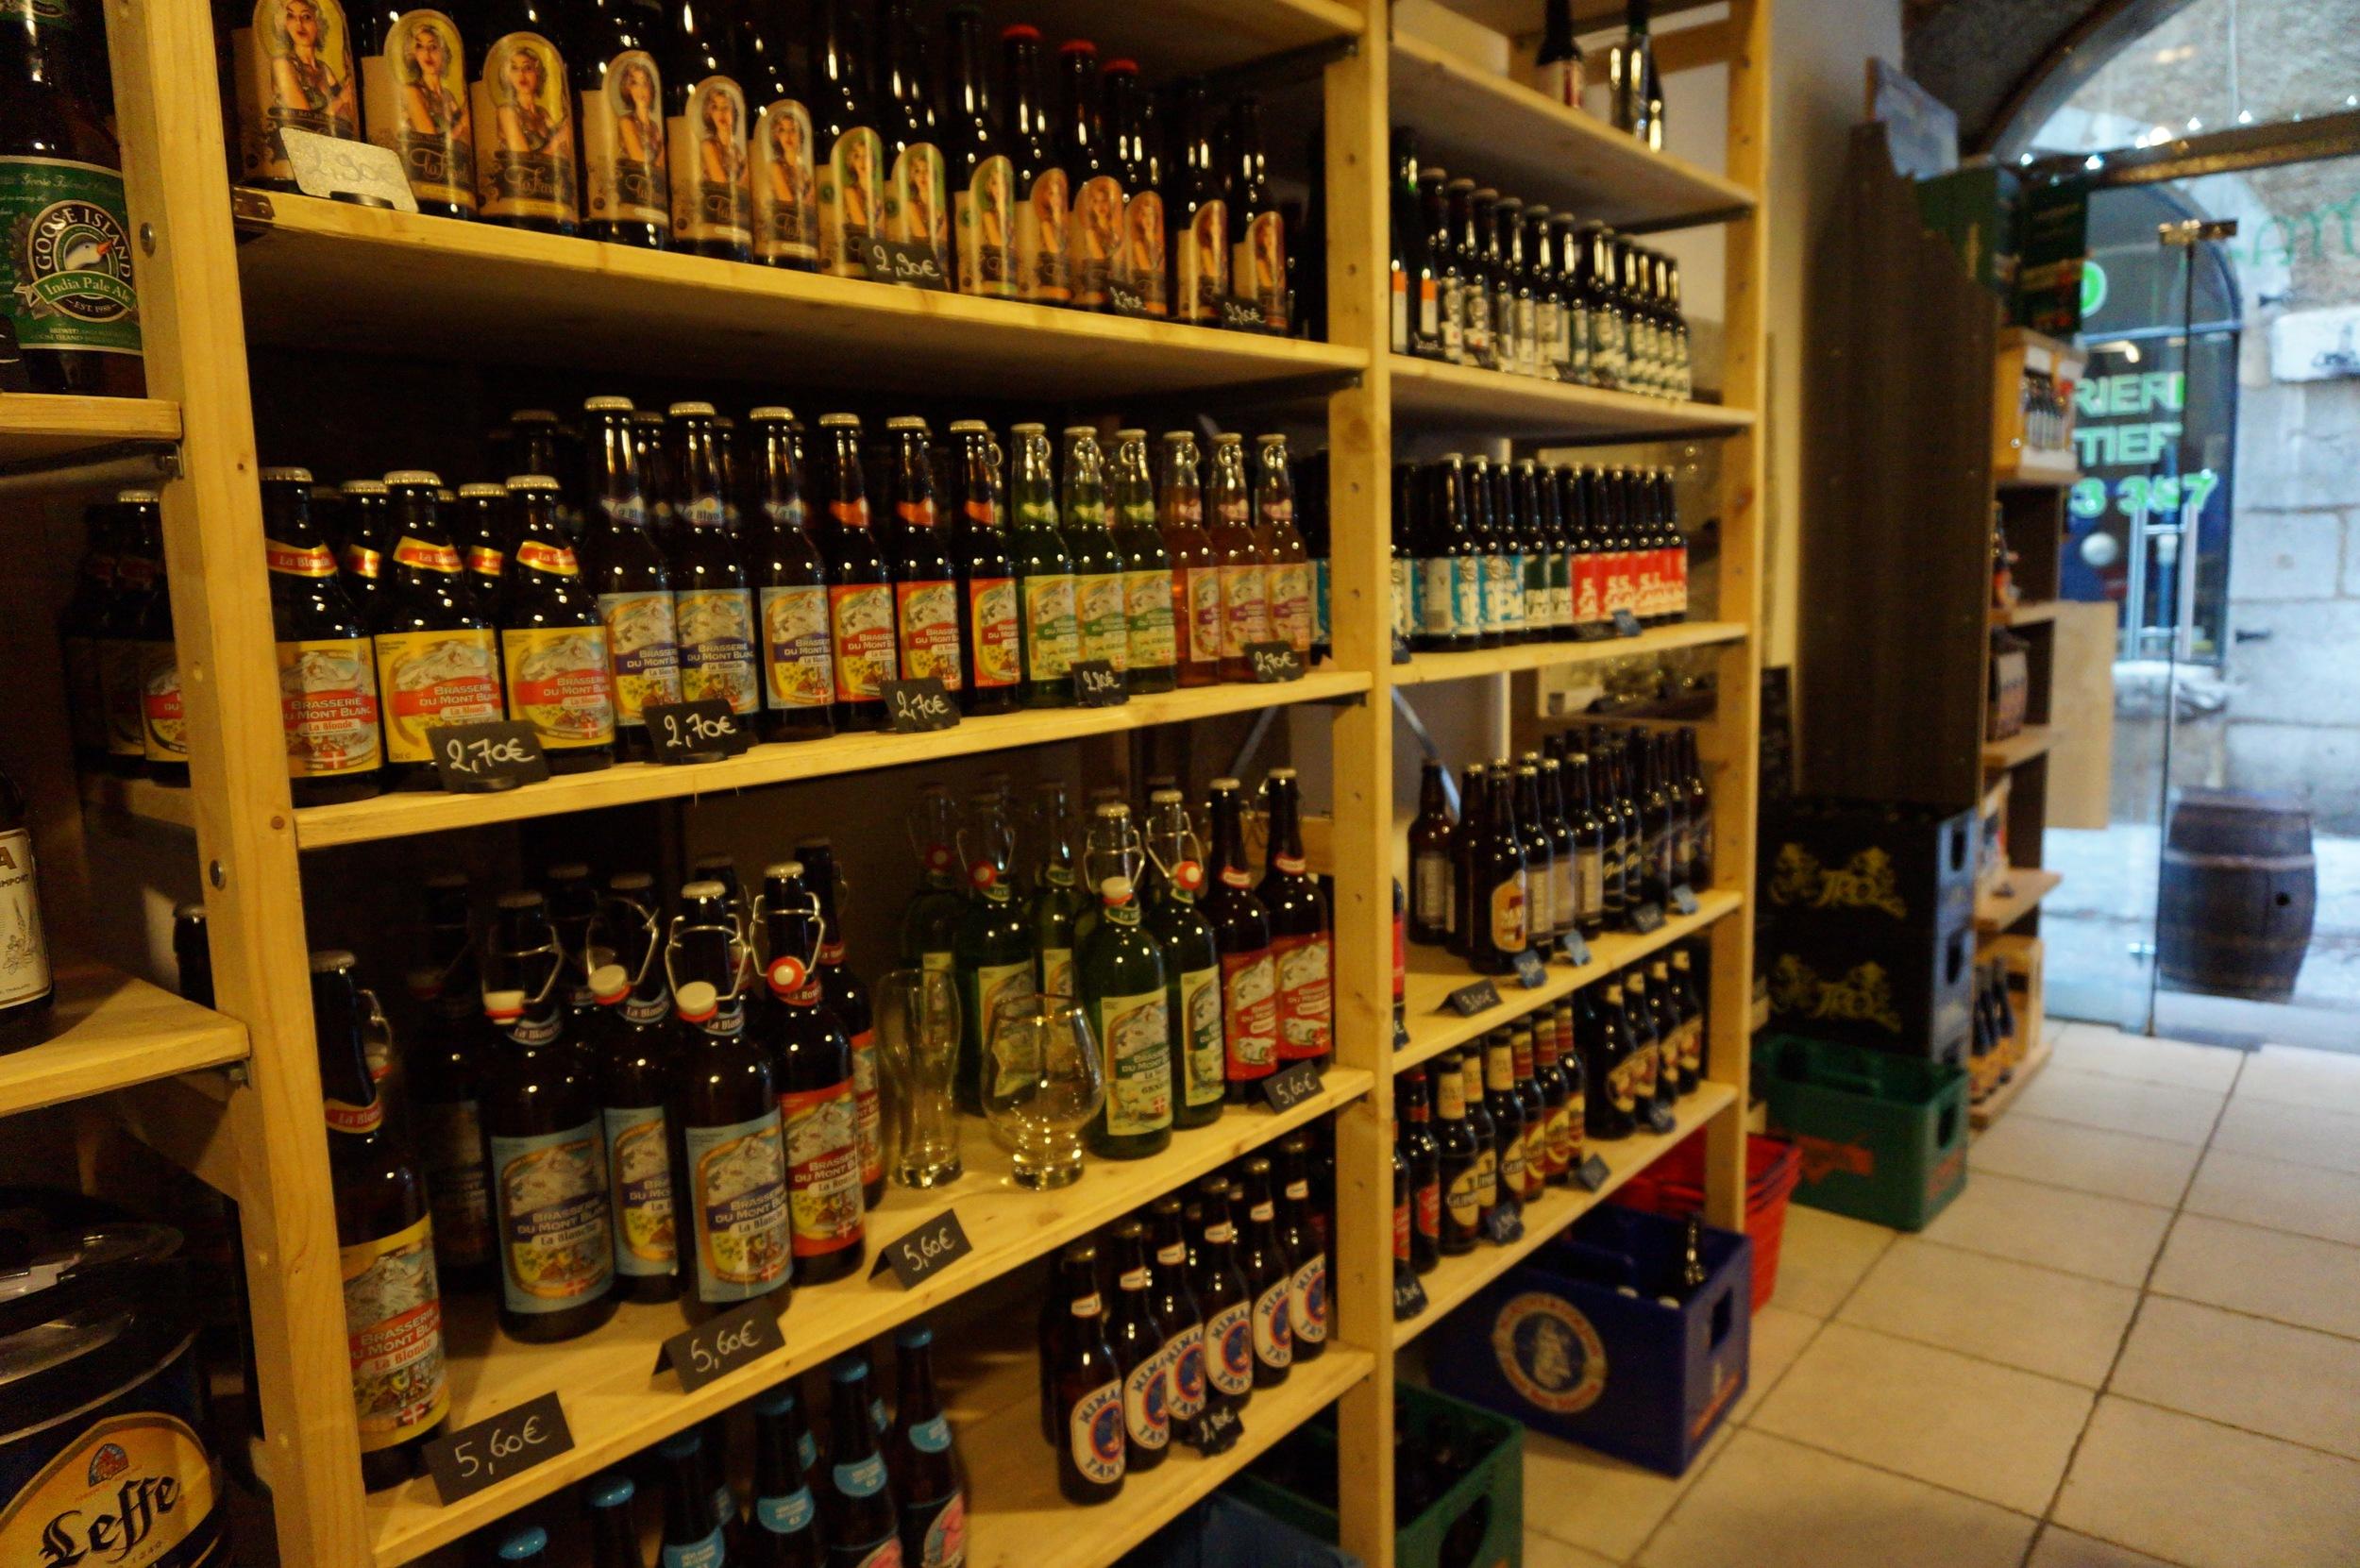 Les Biéres de Midgard